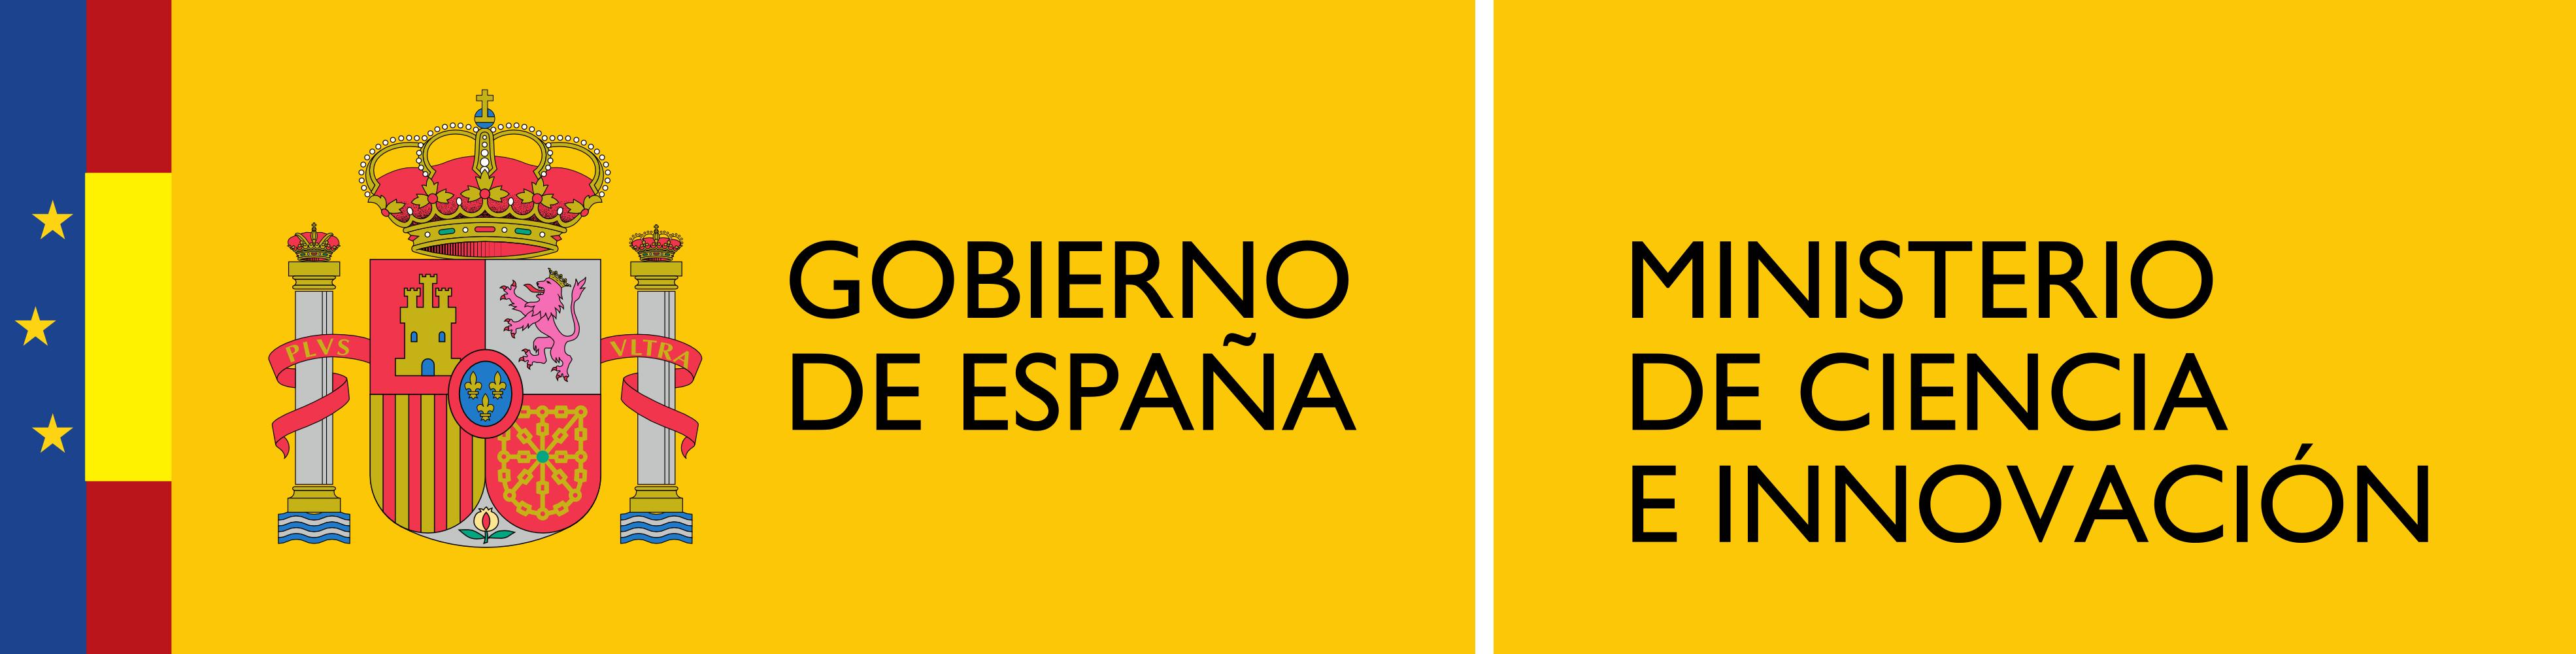 file logotipo del ministerio de ciencia e innovaci